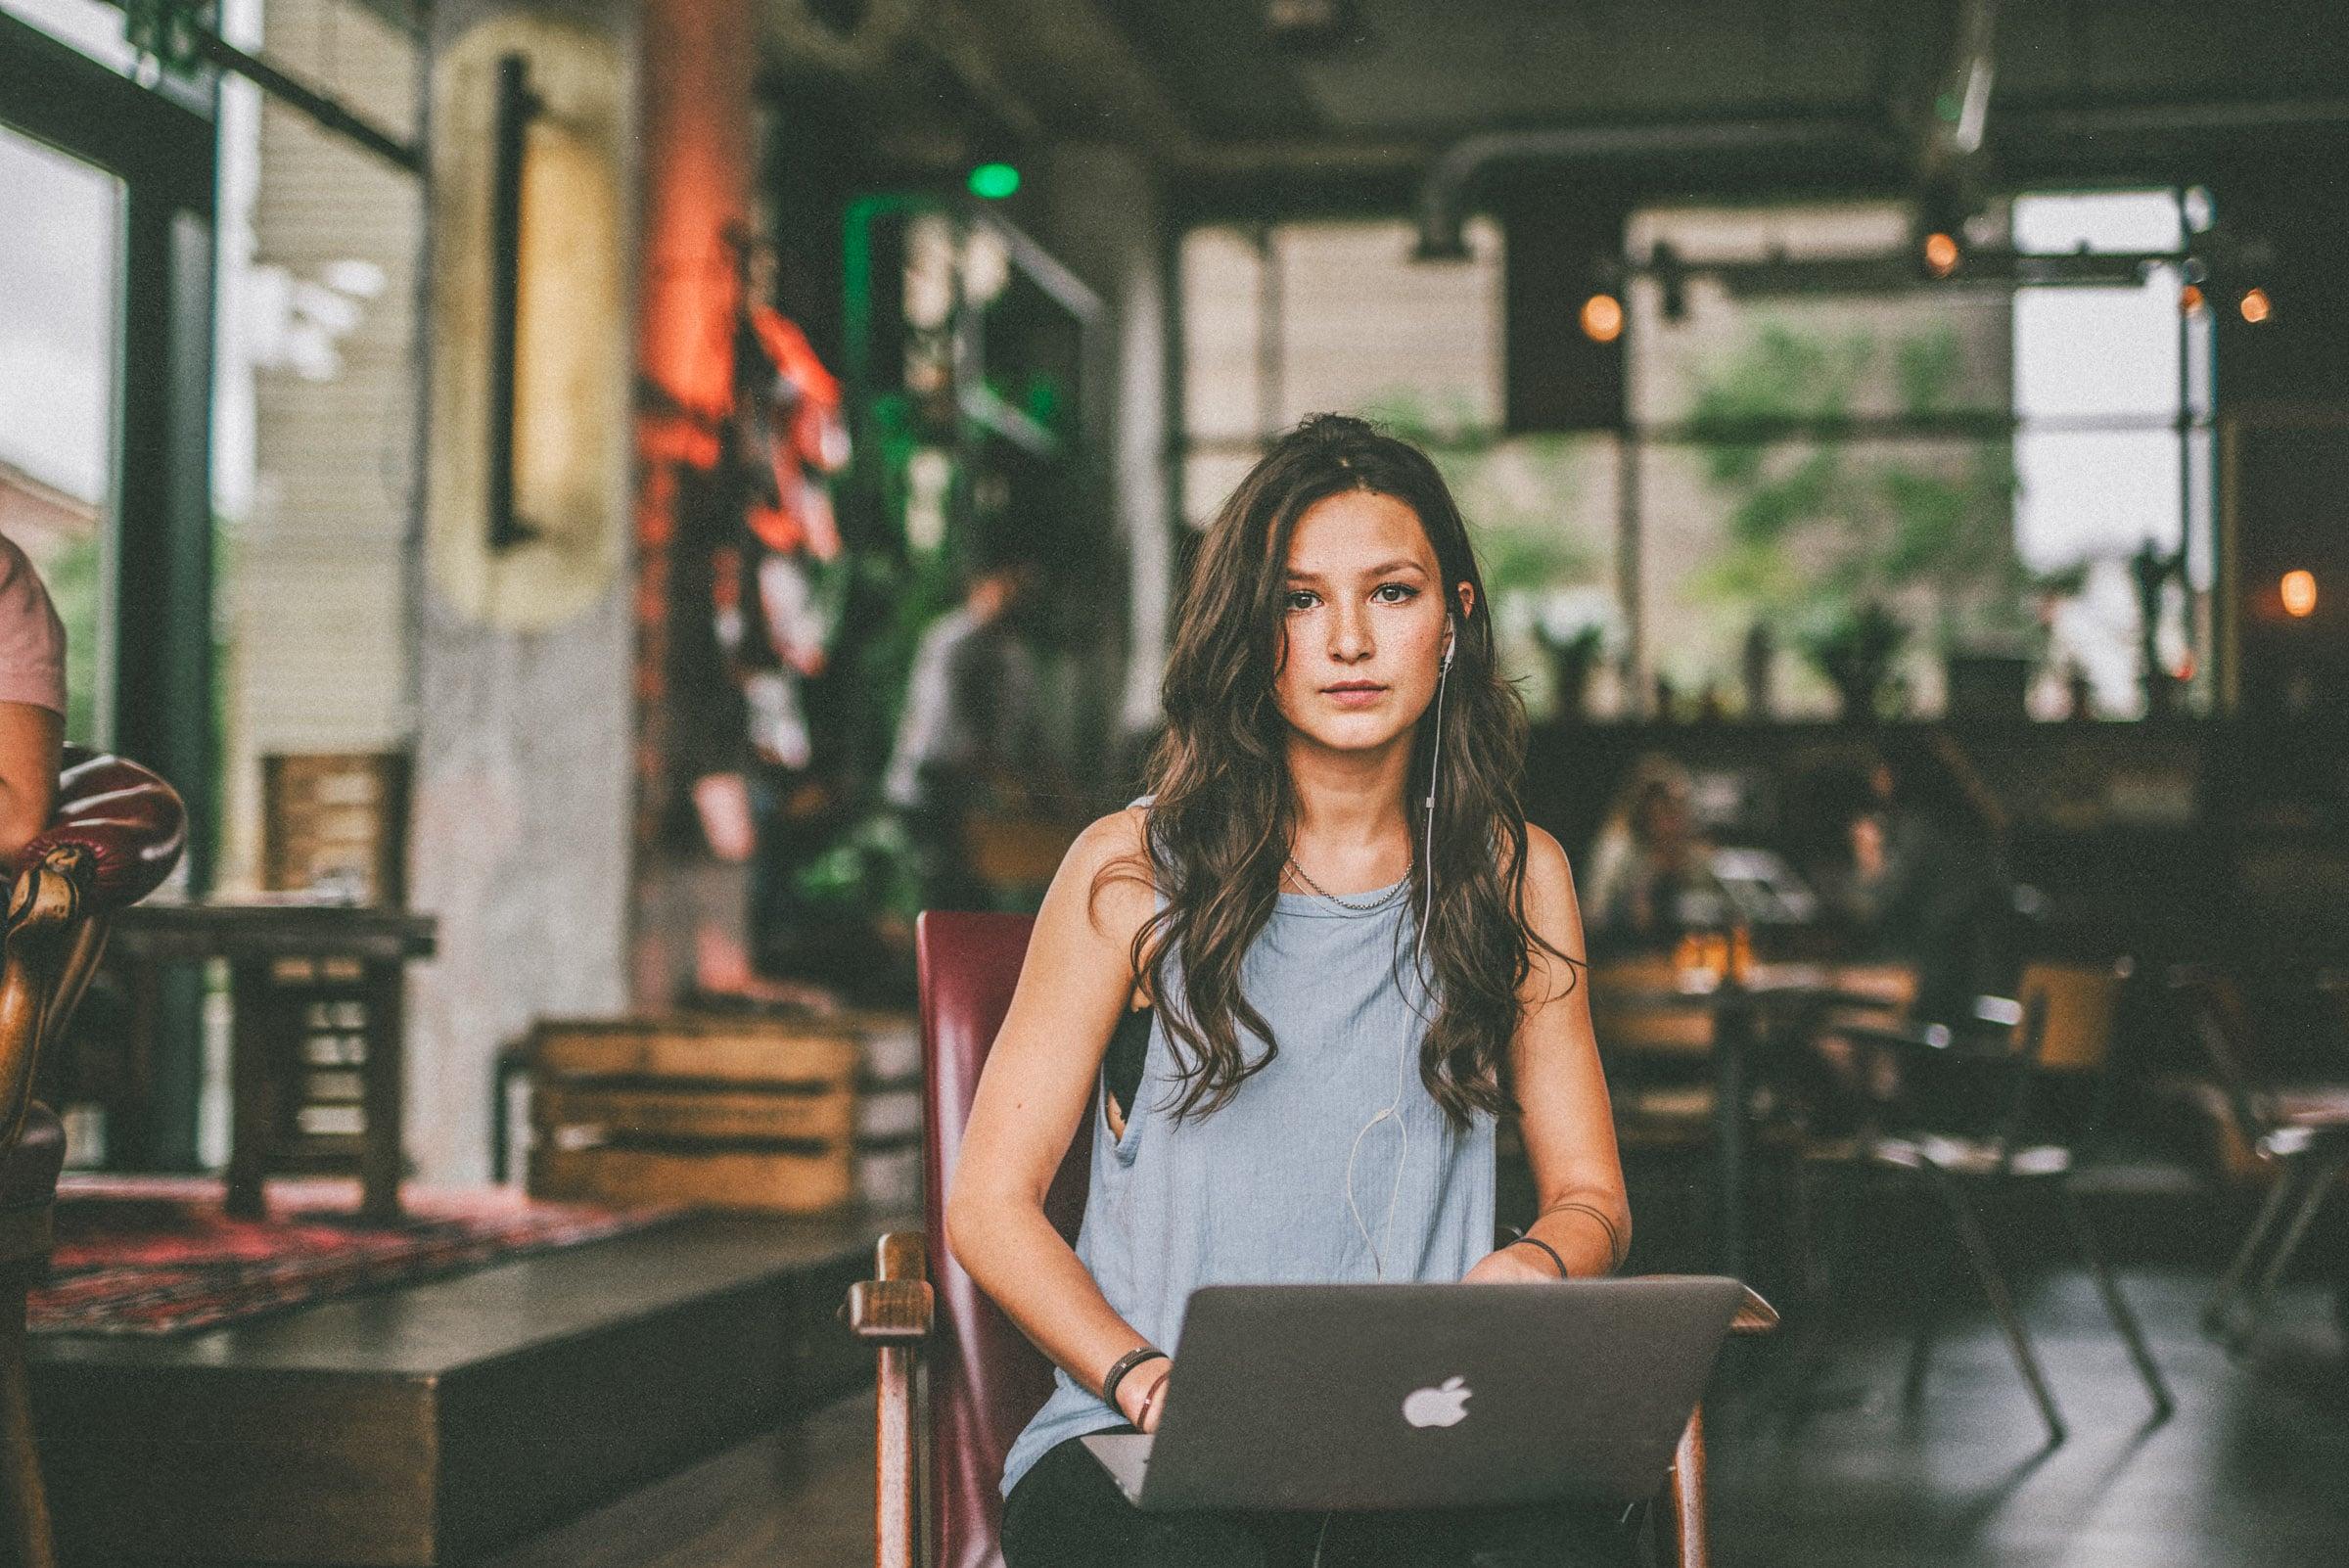 Eine Frau sitzt auf einem Stuhl mit ihrem Laptop auf dem Schoss und einem Kopfhörer im Ohr.